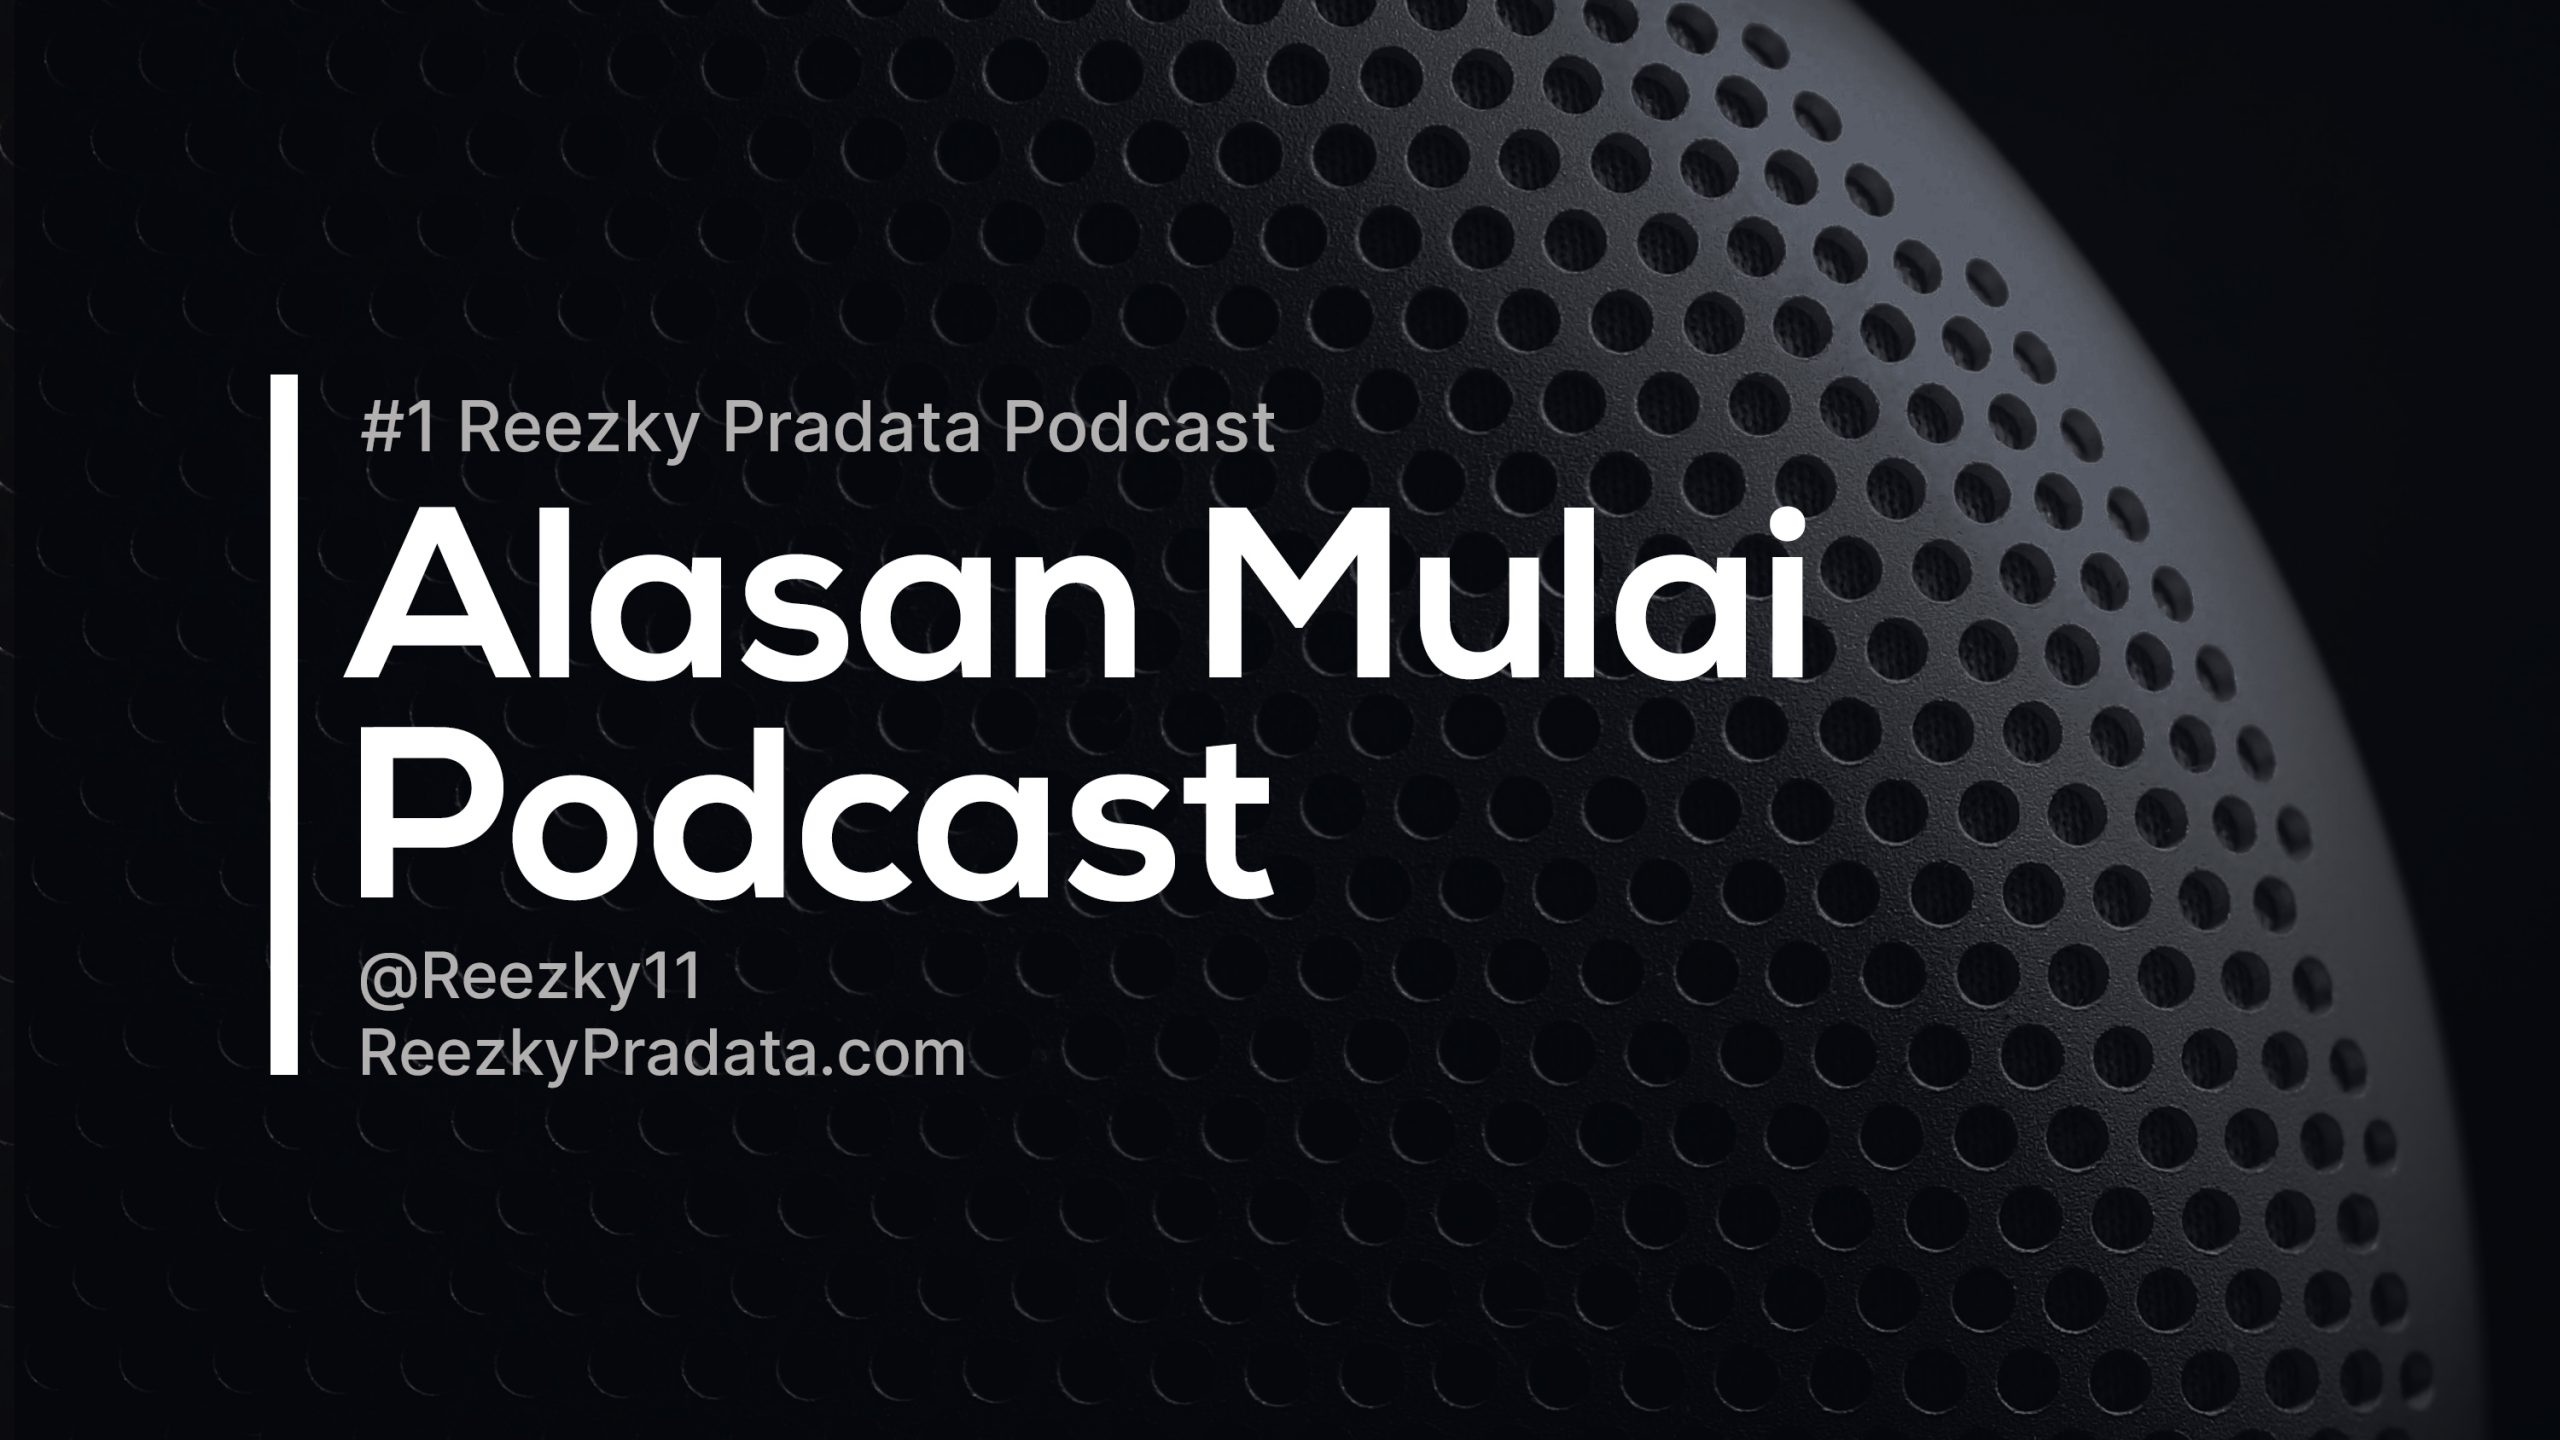 #1 Alasan Mulai Podcast